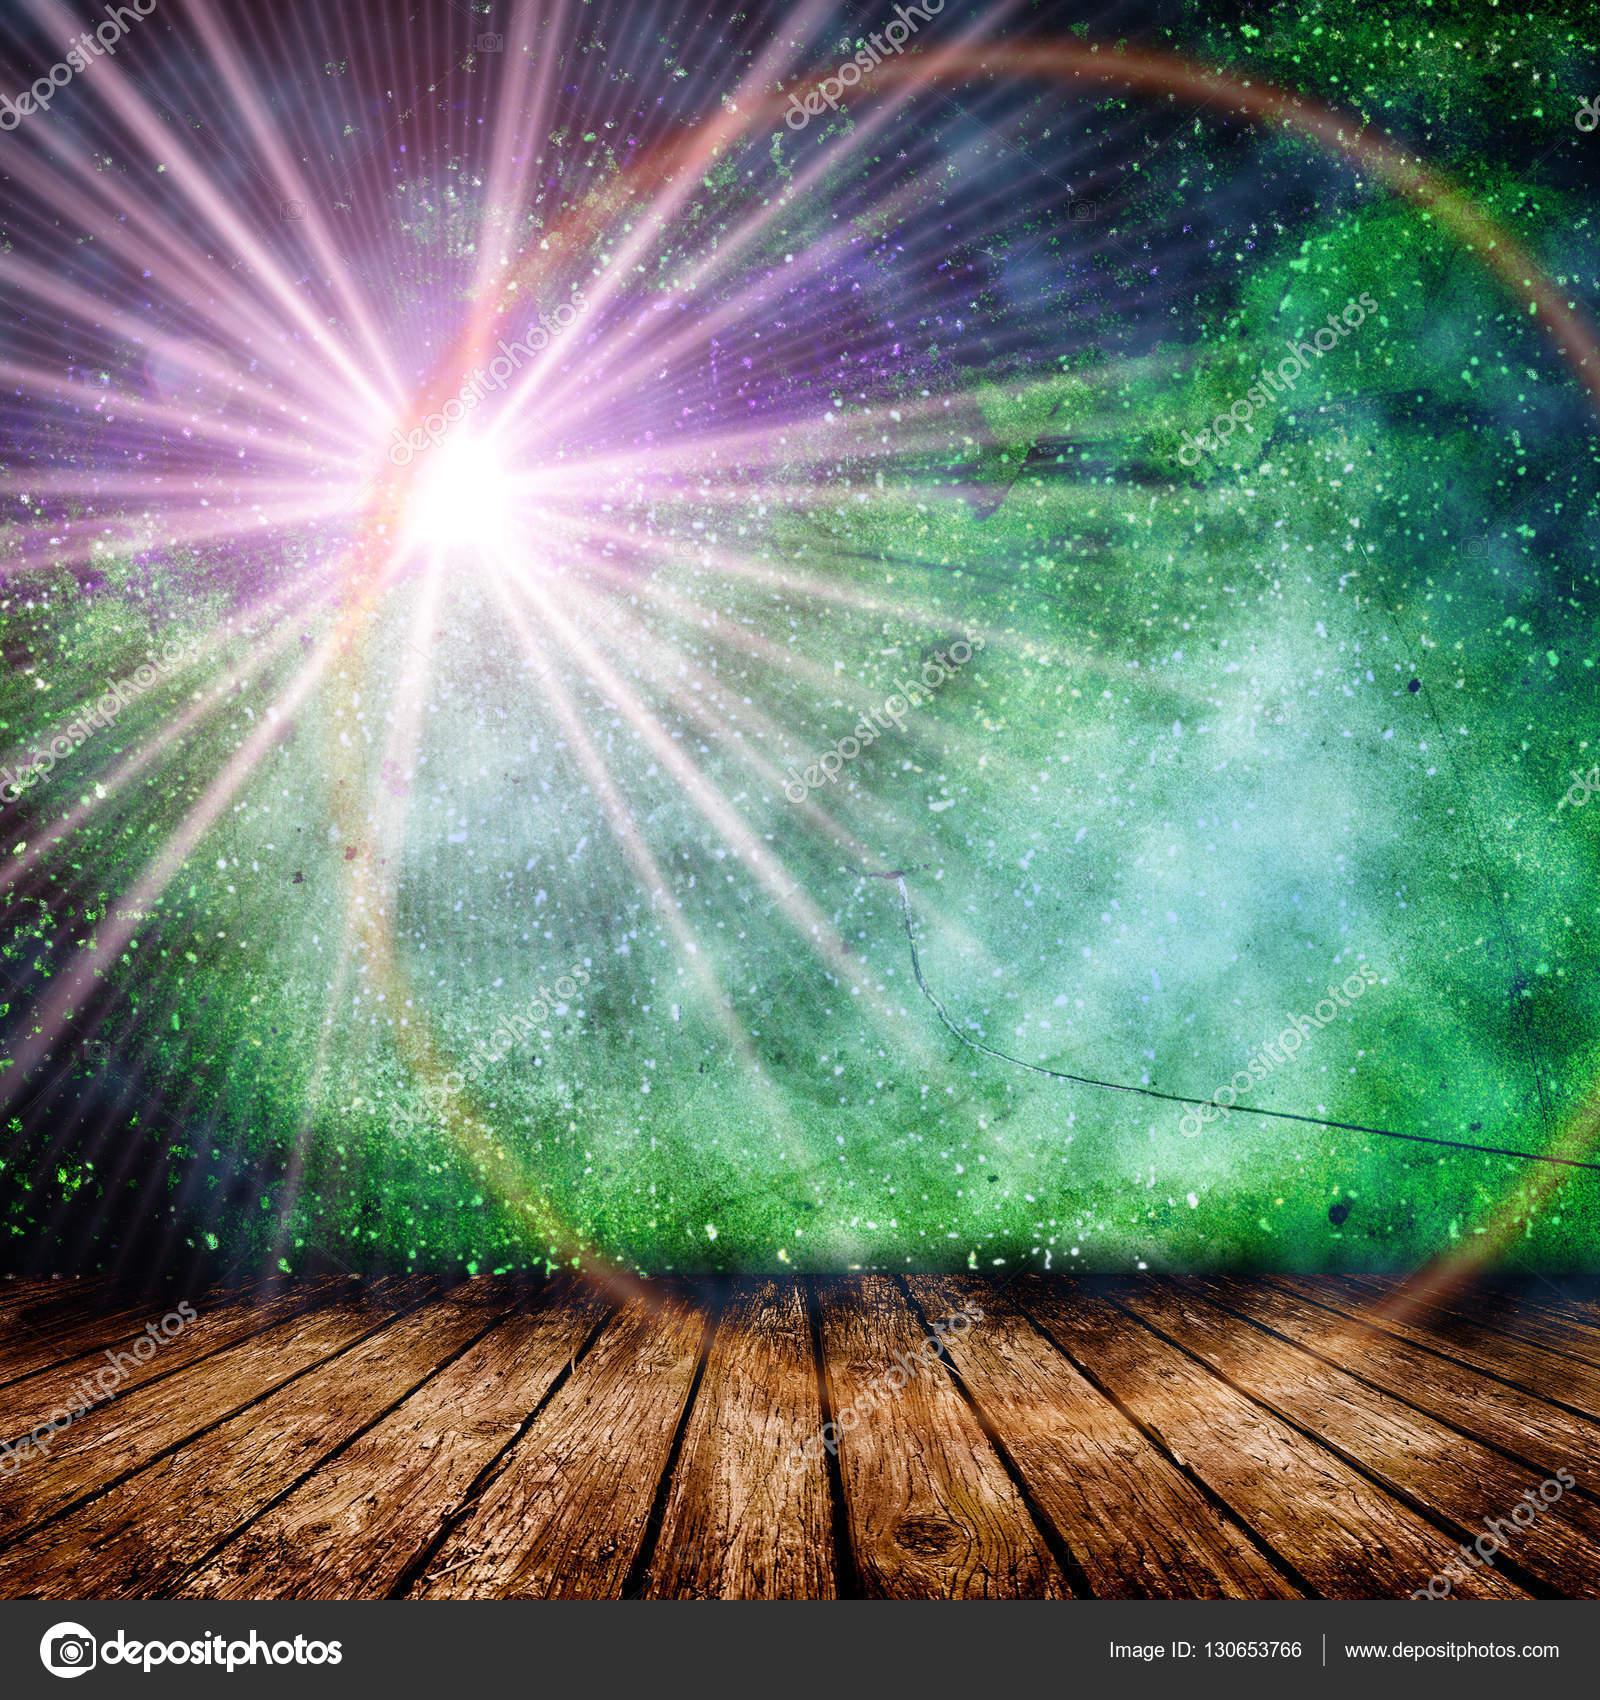 Leeren Raum mit hellen Stern und Lichtstrahlen — Stockfoto ...